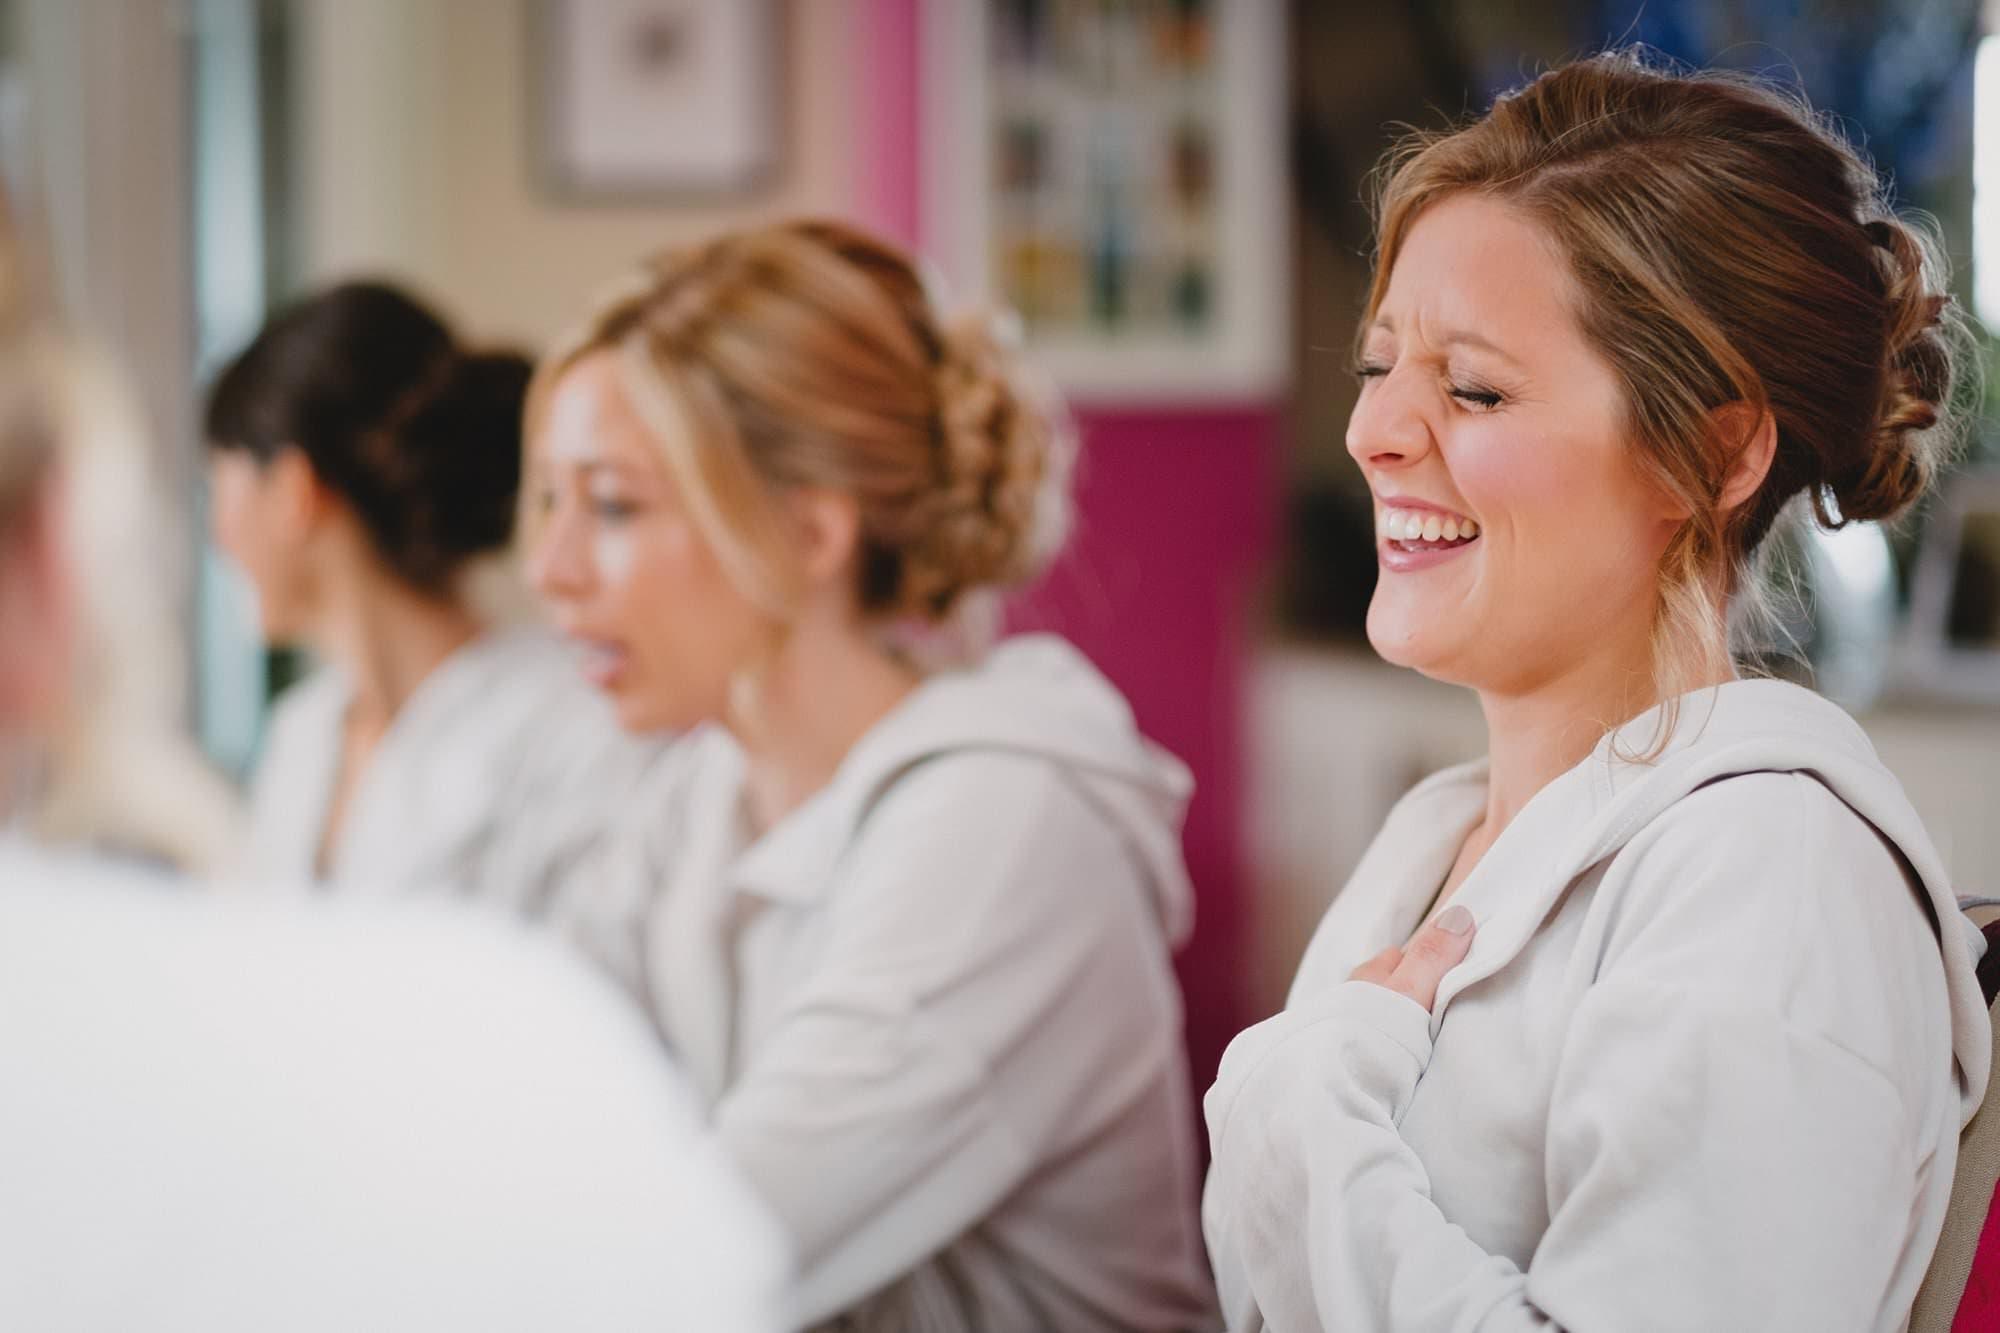 ashtead london wedding photographer 014 - Rachel & Jonny's Ashtead Wedding